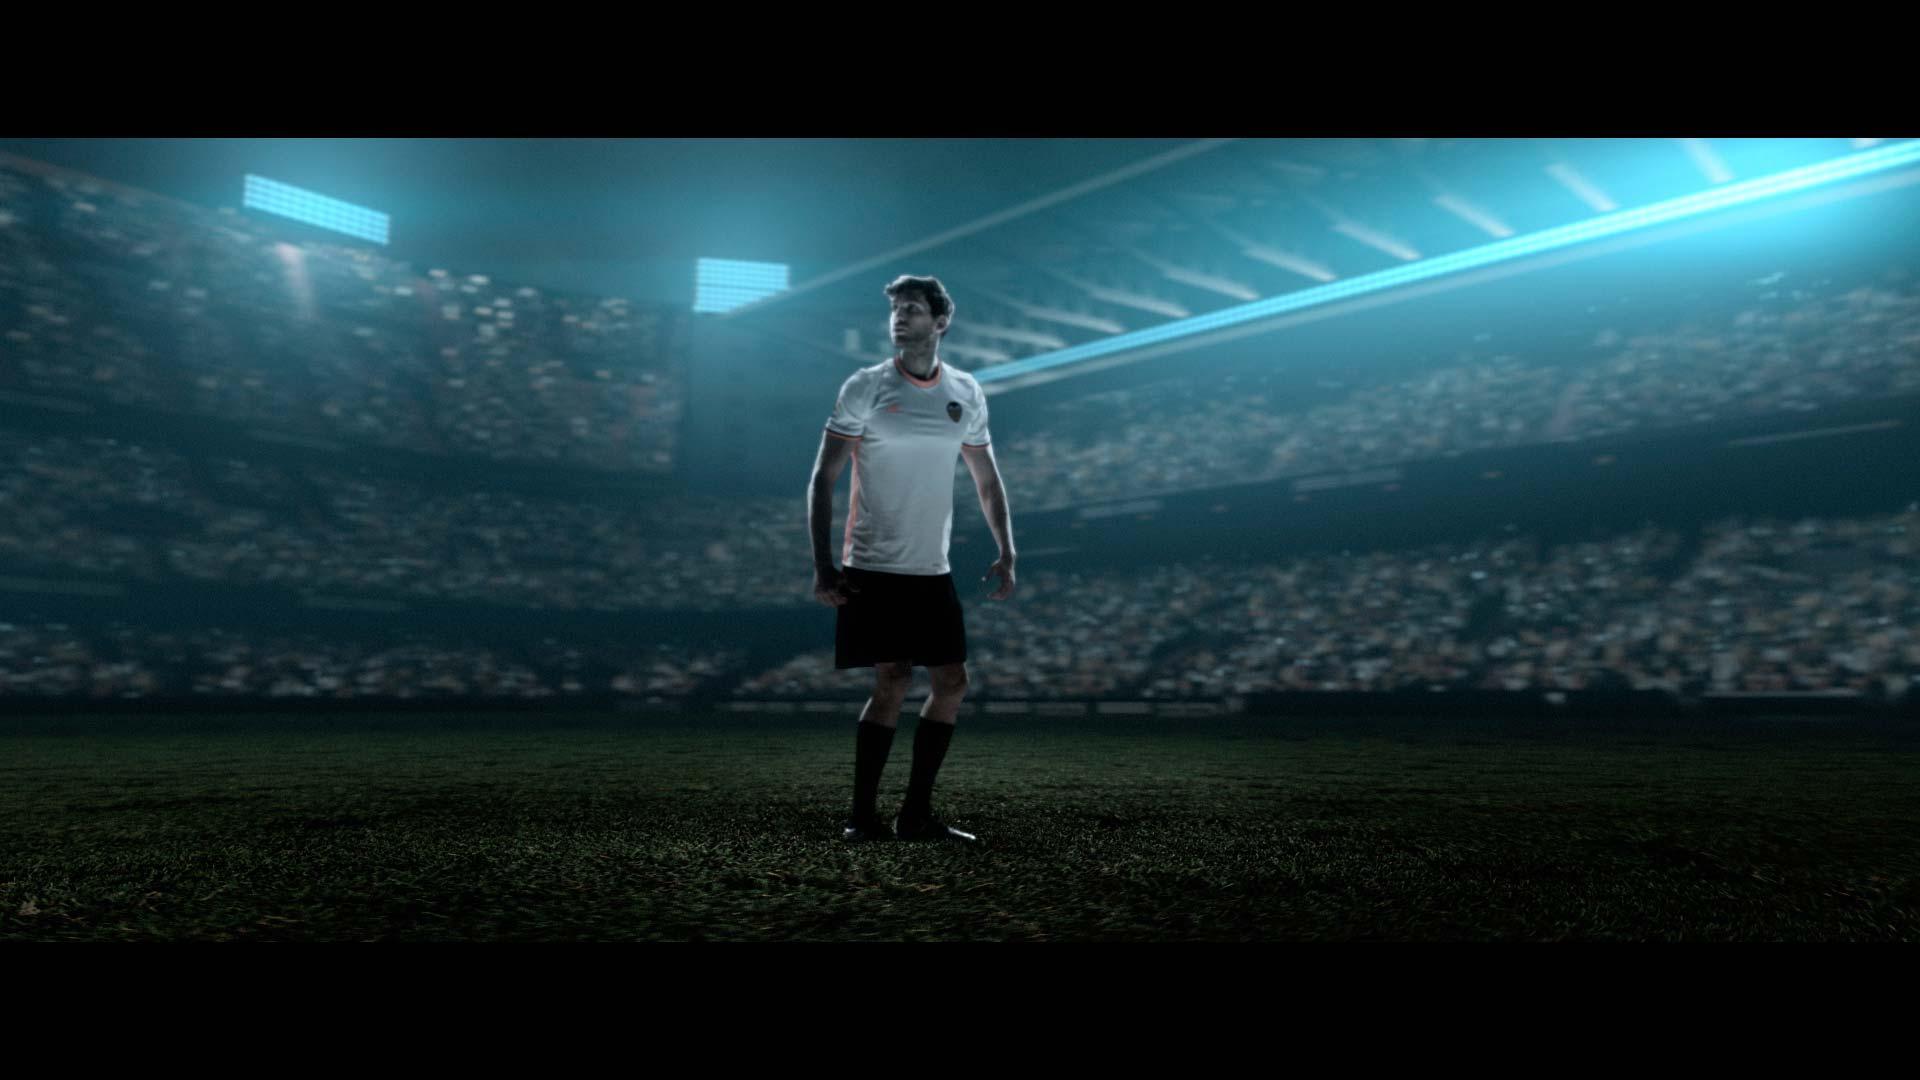 Camiseta Valencia FC 2016 vídeo animación 3D virtual art